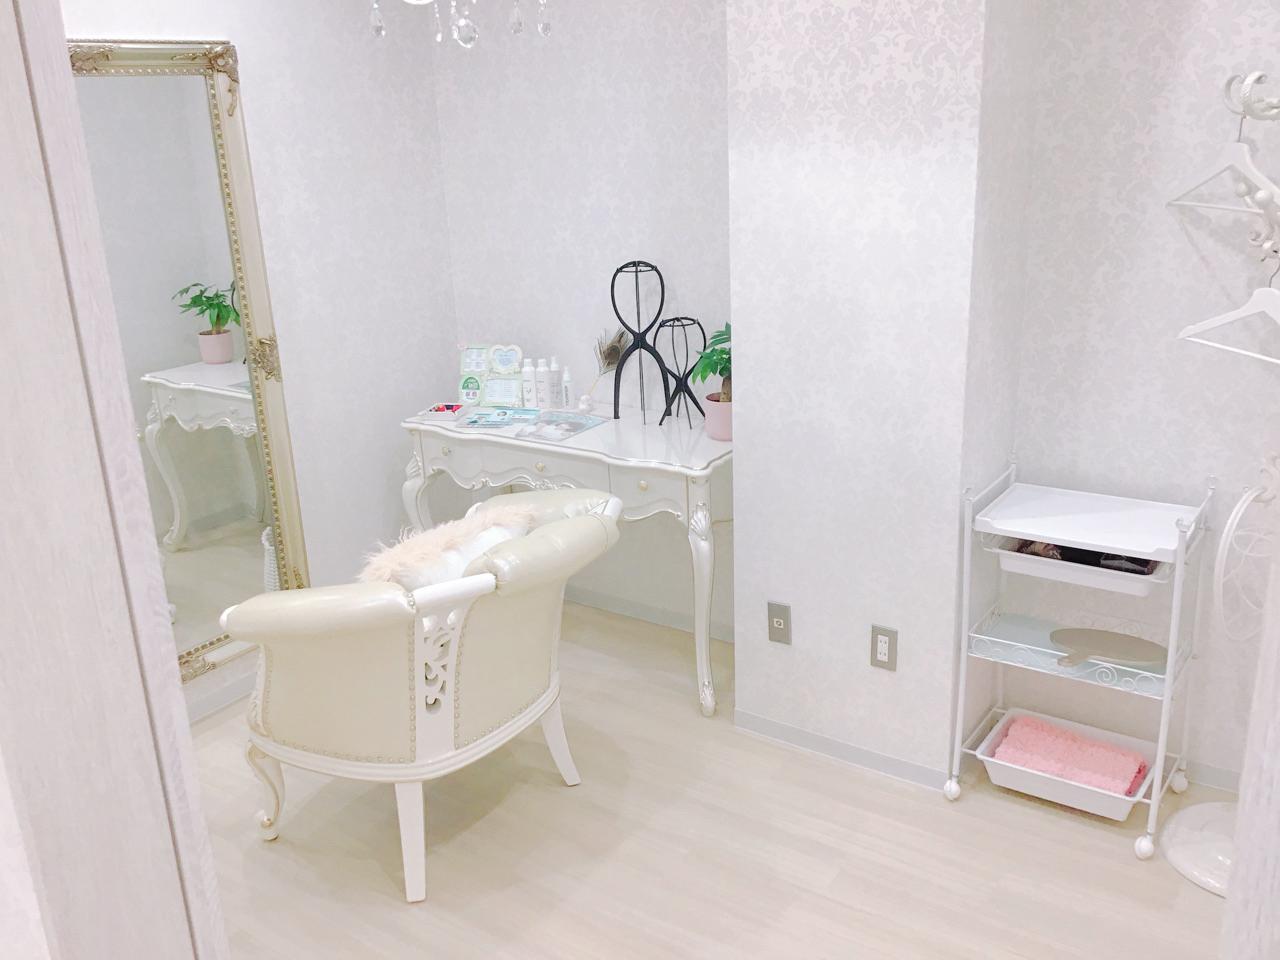 名古屋サロン店舗画像06 フィッティングルーム